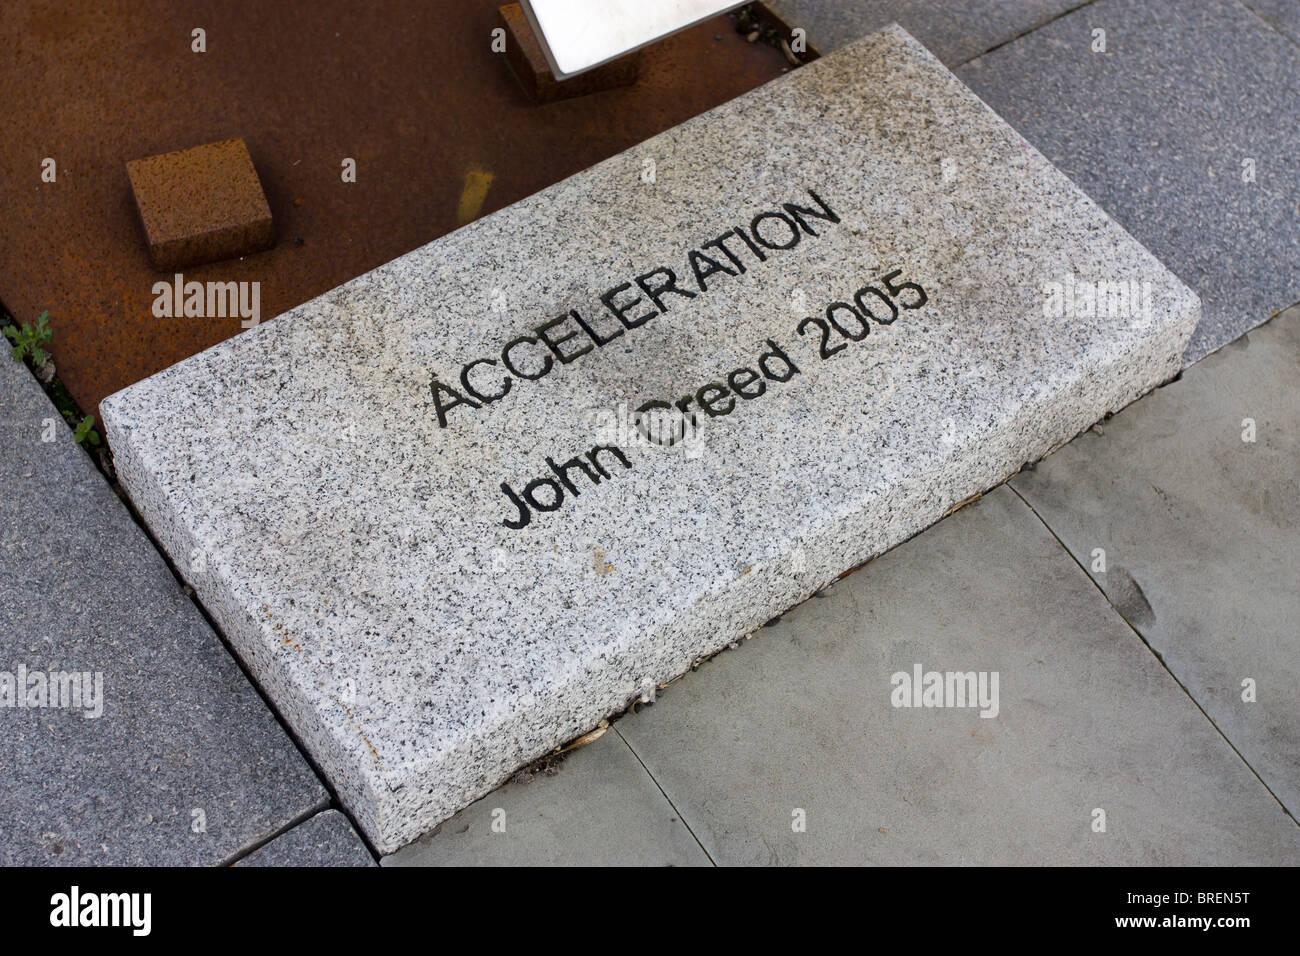 Arte pubblica scultura da John Creed chiamato accelerazione si trova al di fuori di Gateshead Town Hall. Immagini Stock